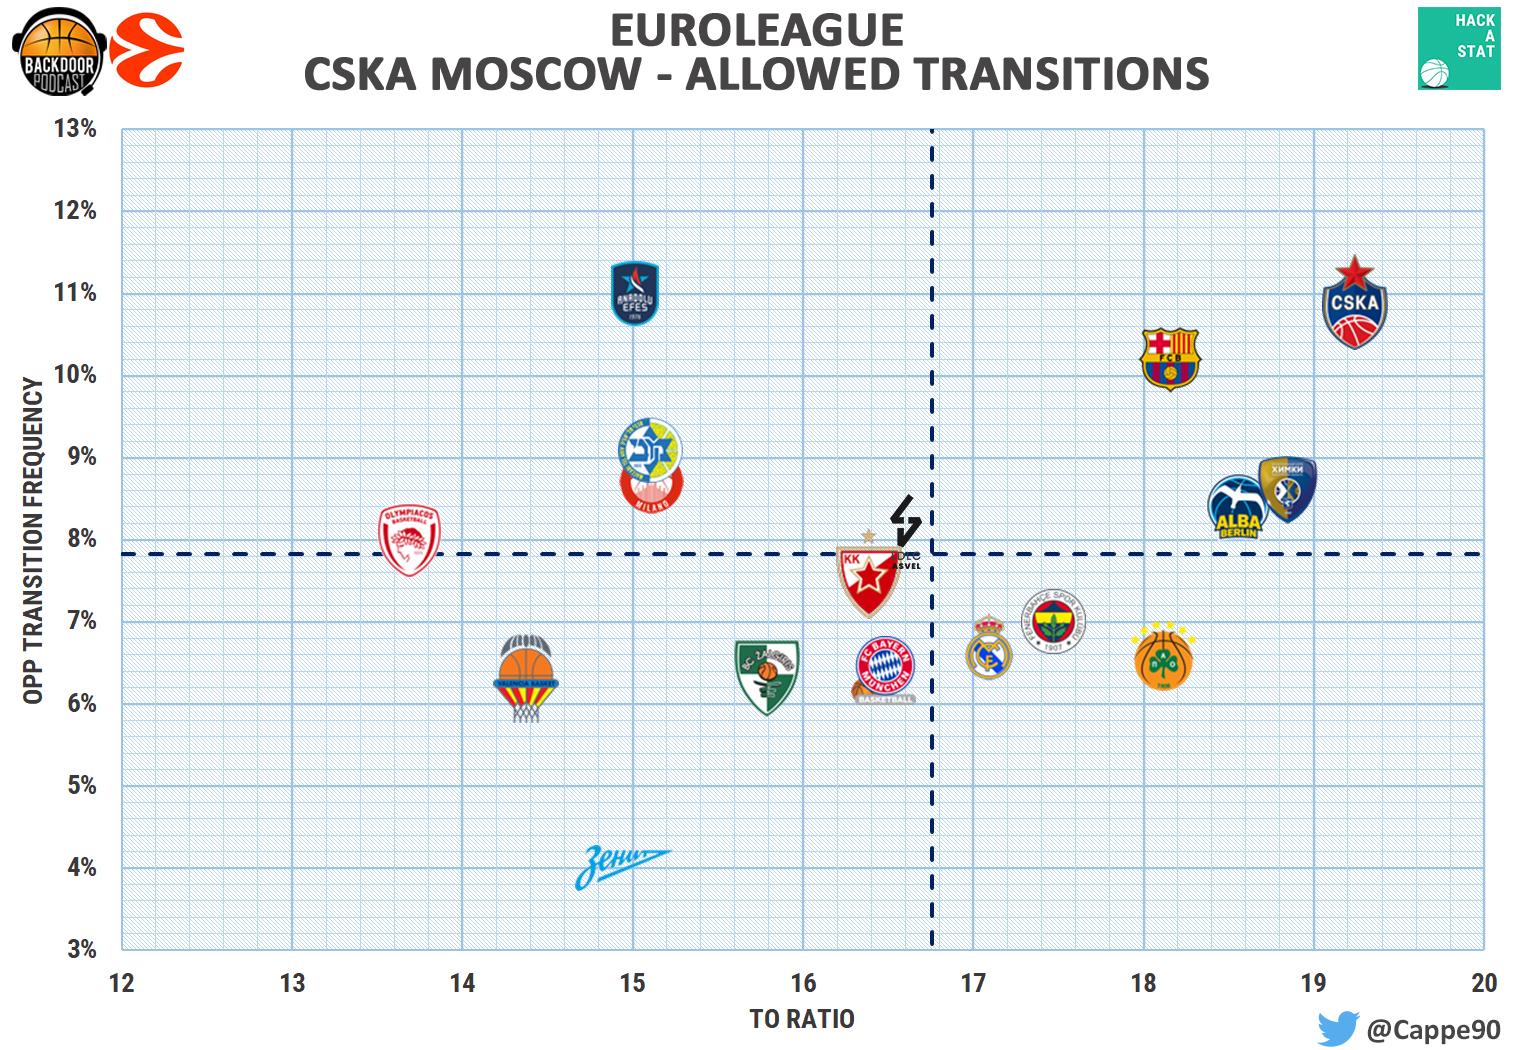 cska transition allowed